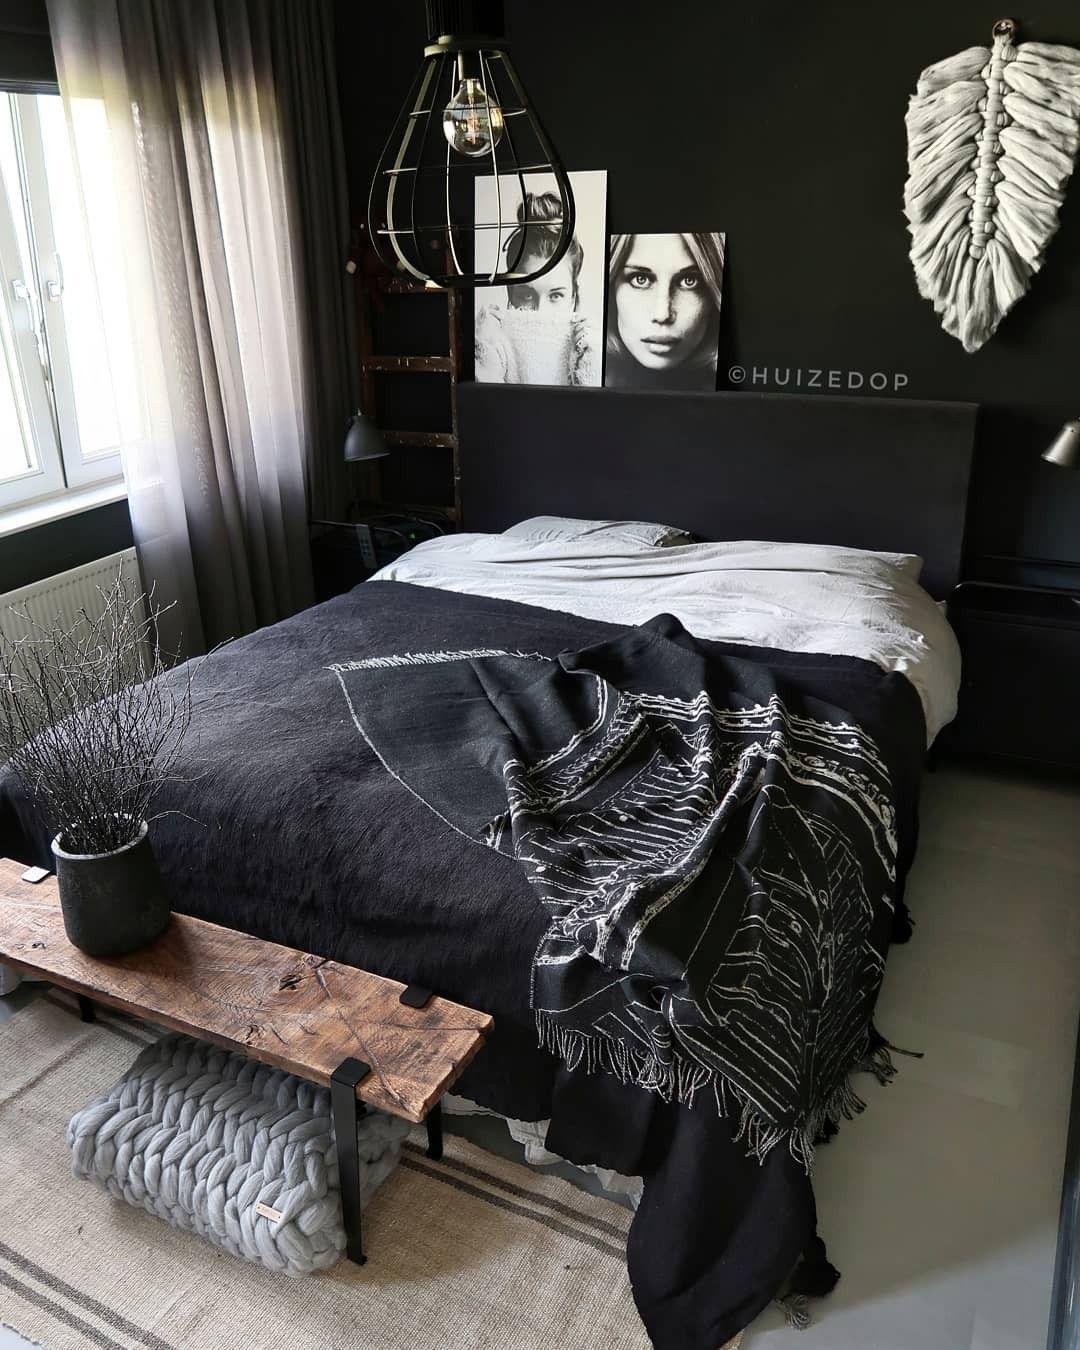 Photo of Il mio preferito beddengoed   Huizedop